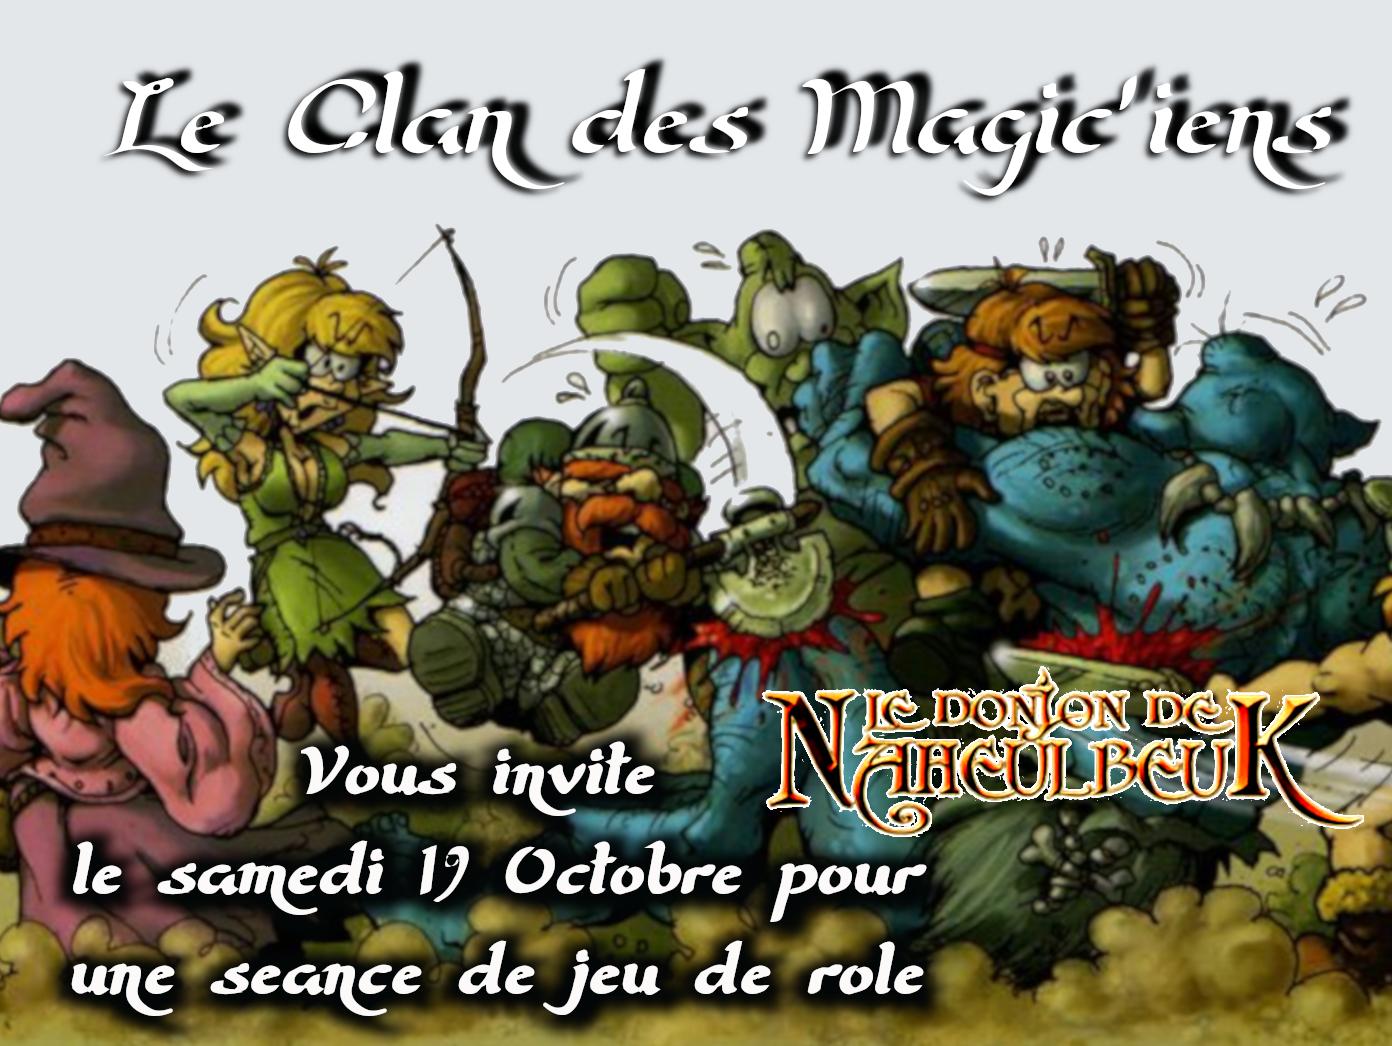 Samedi 19 Octobre : Jeu de rôle (Le Donjon de Naheulbeuk) à partir de 14h Jmeny